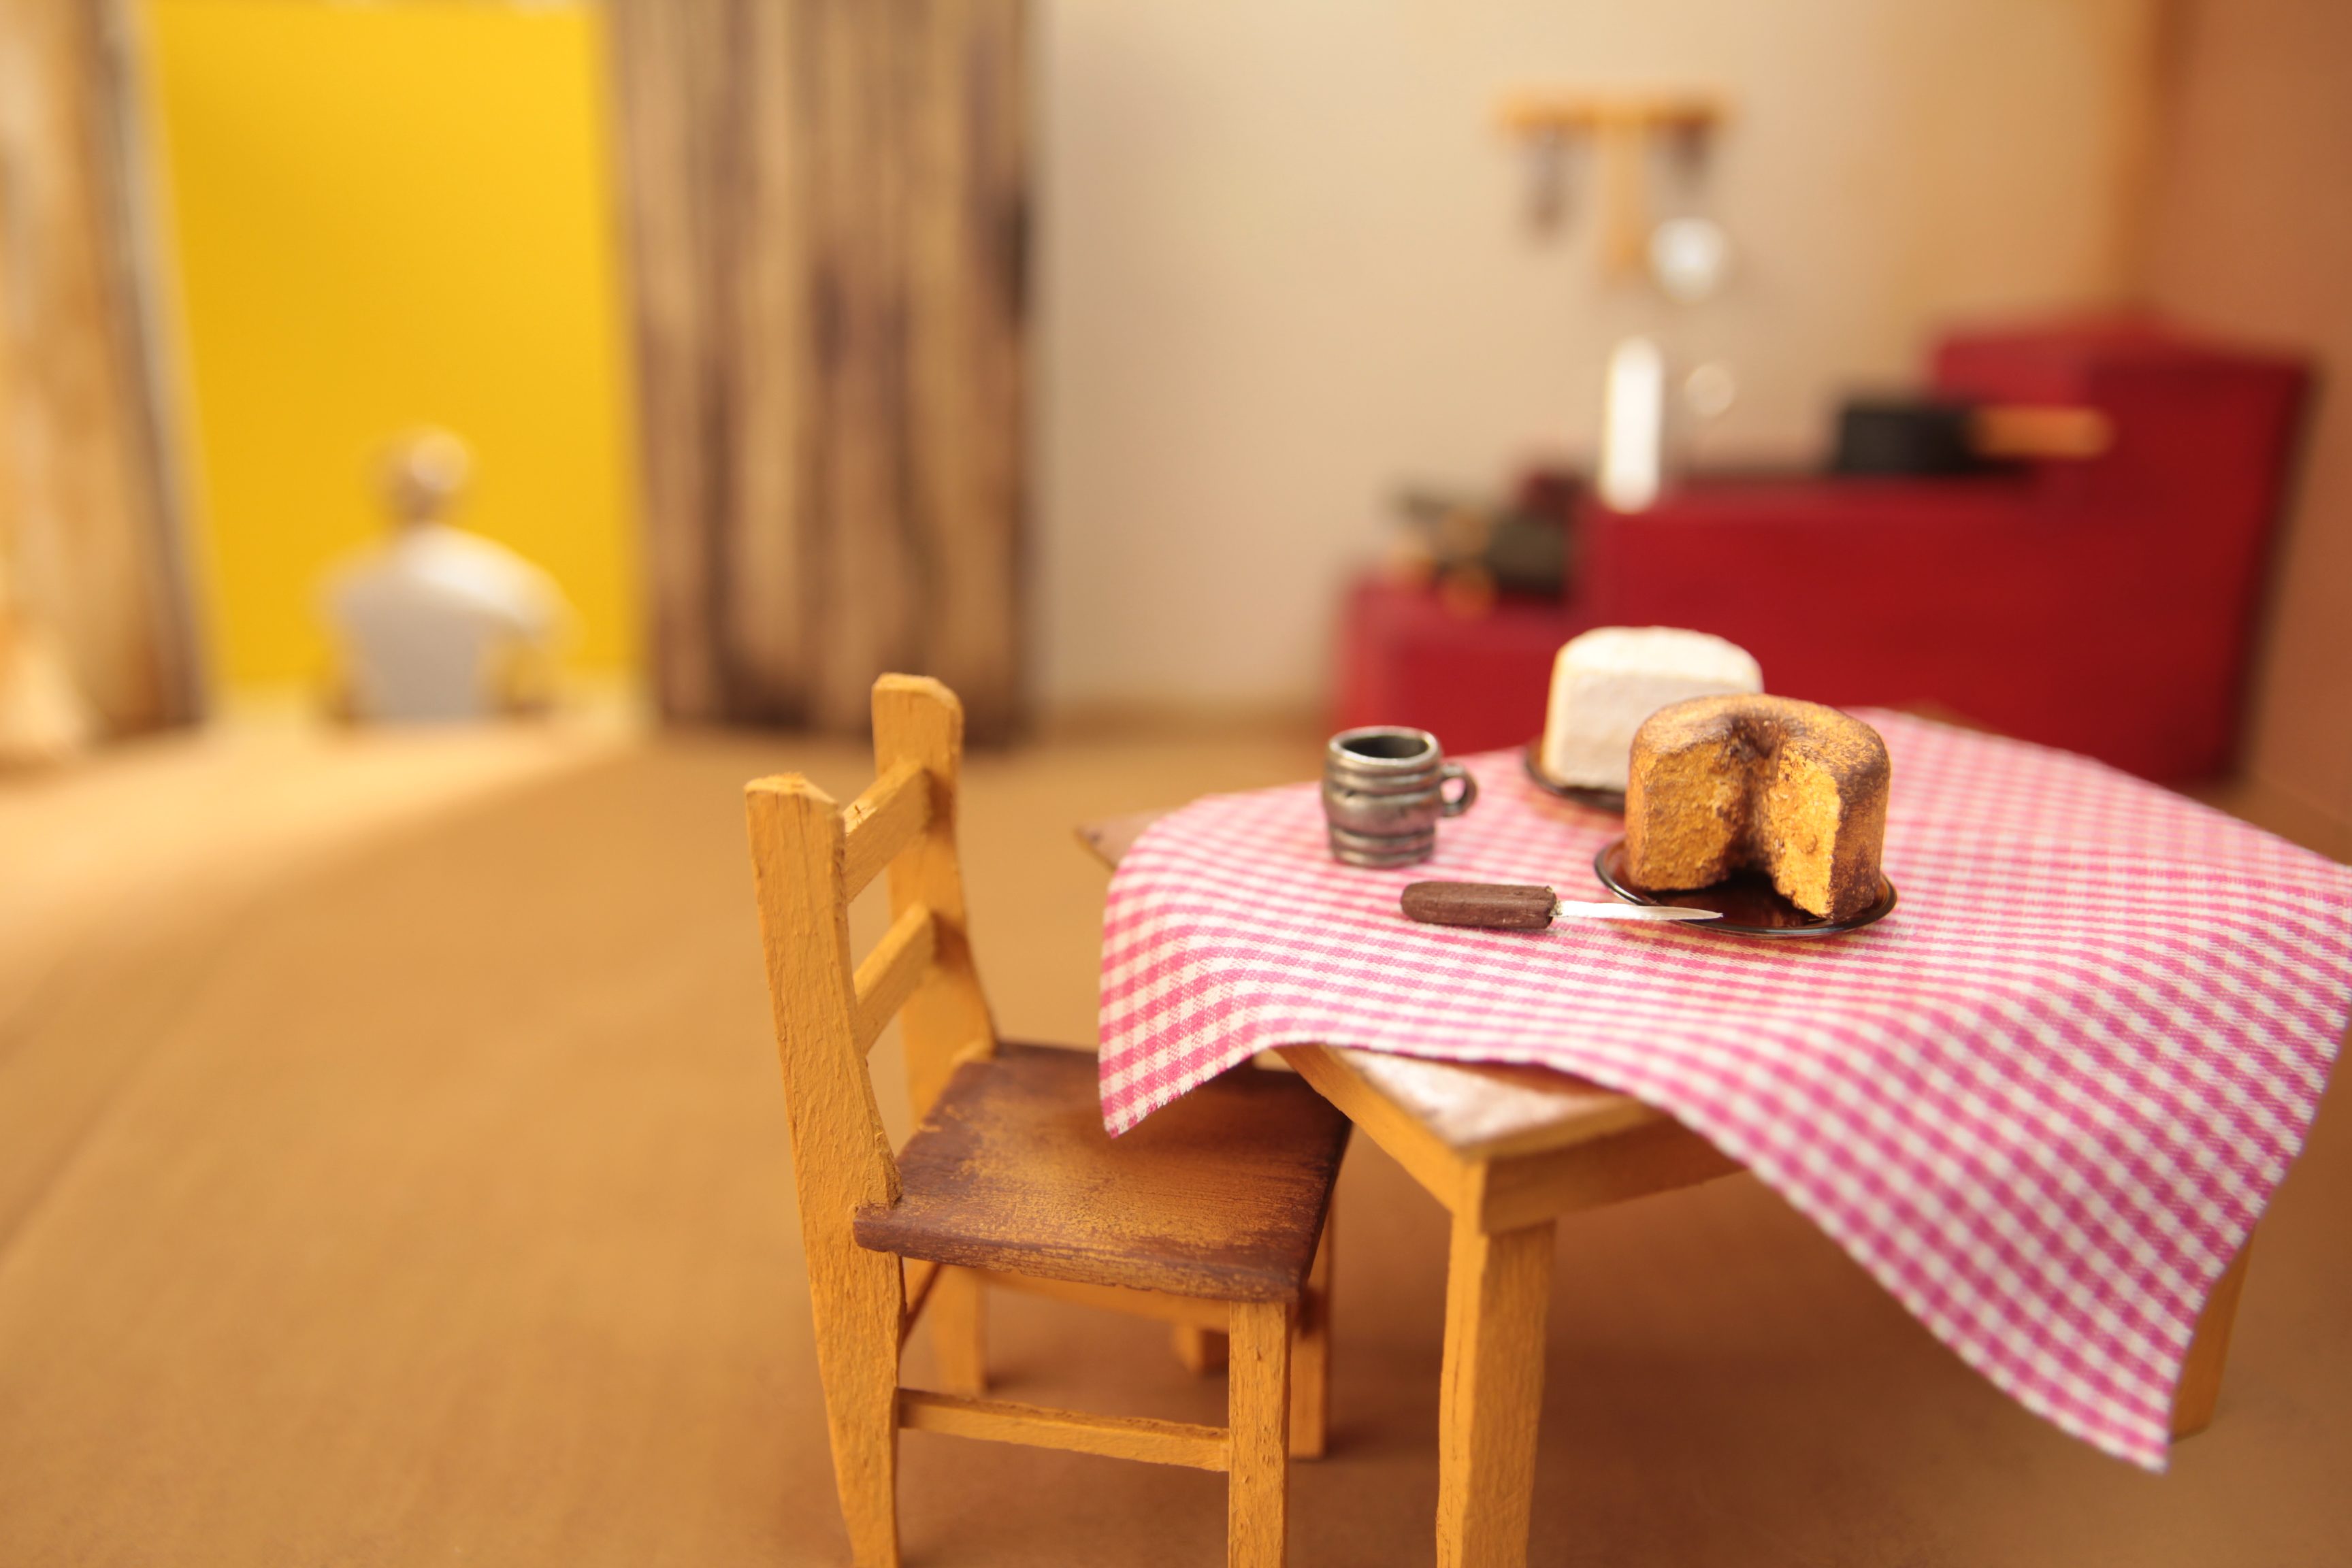 Miniature cabin (details)